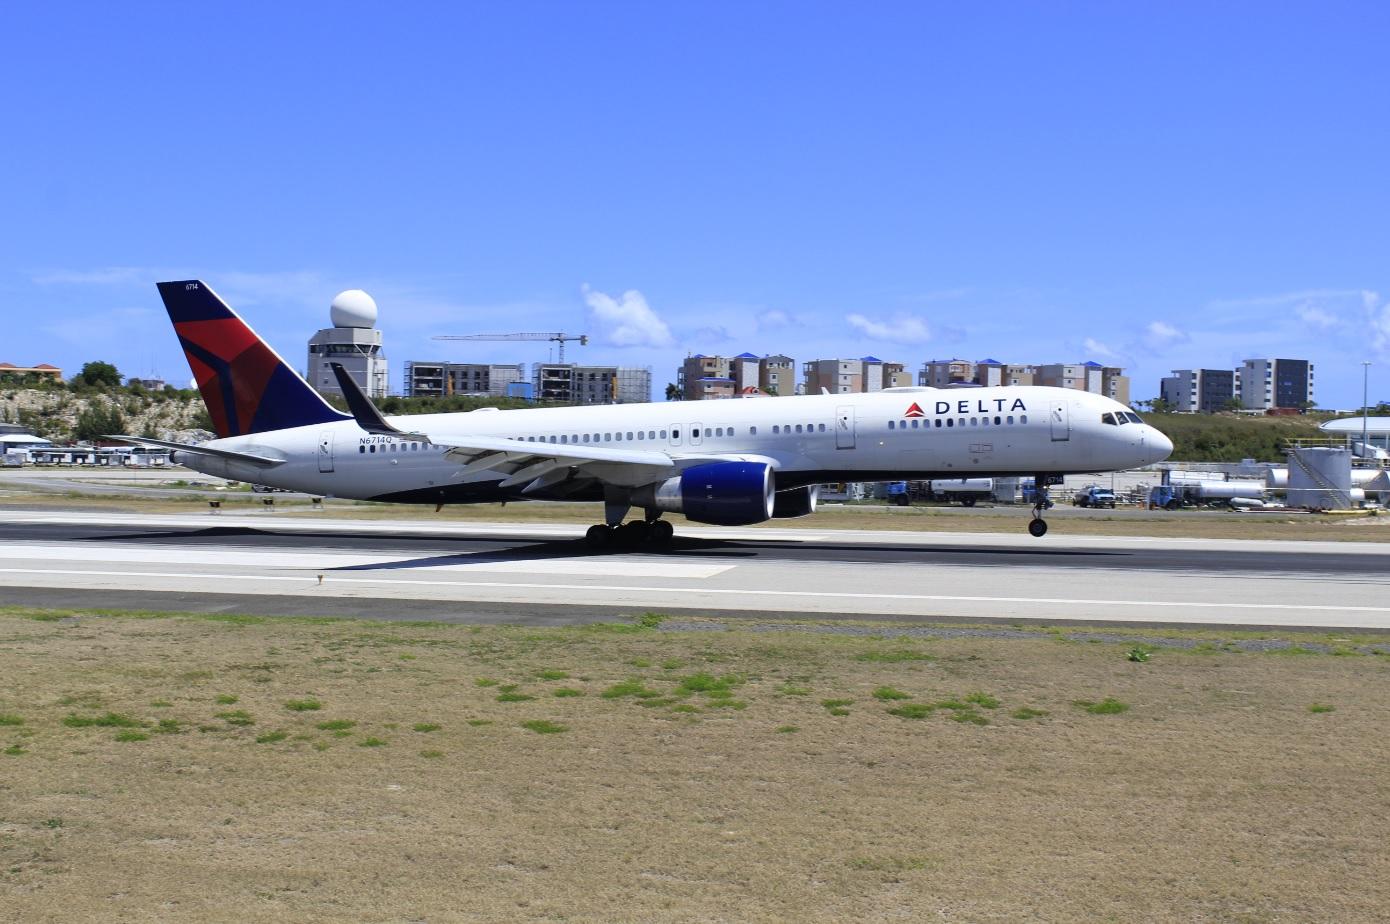 Delta Airlines Repatriation Flight Departing 14 May 2020